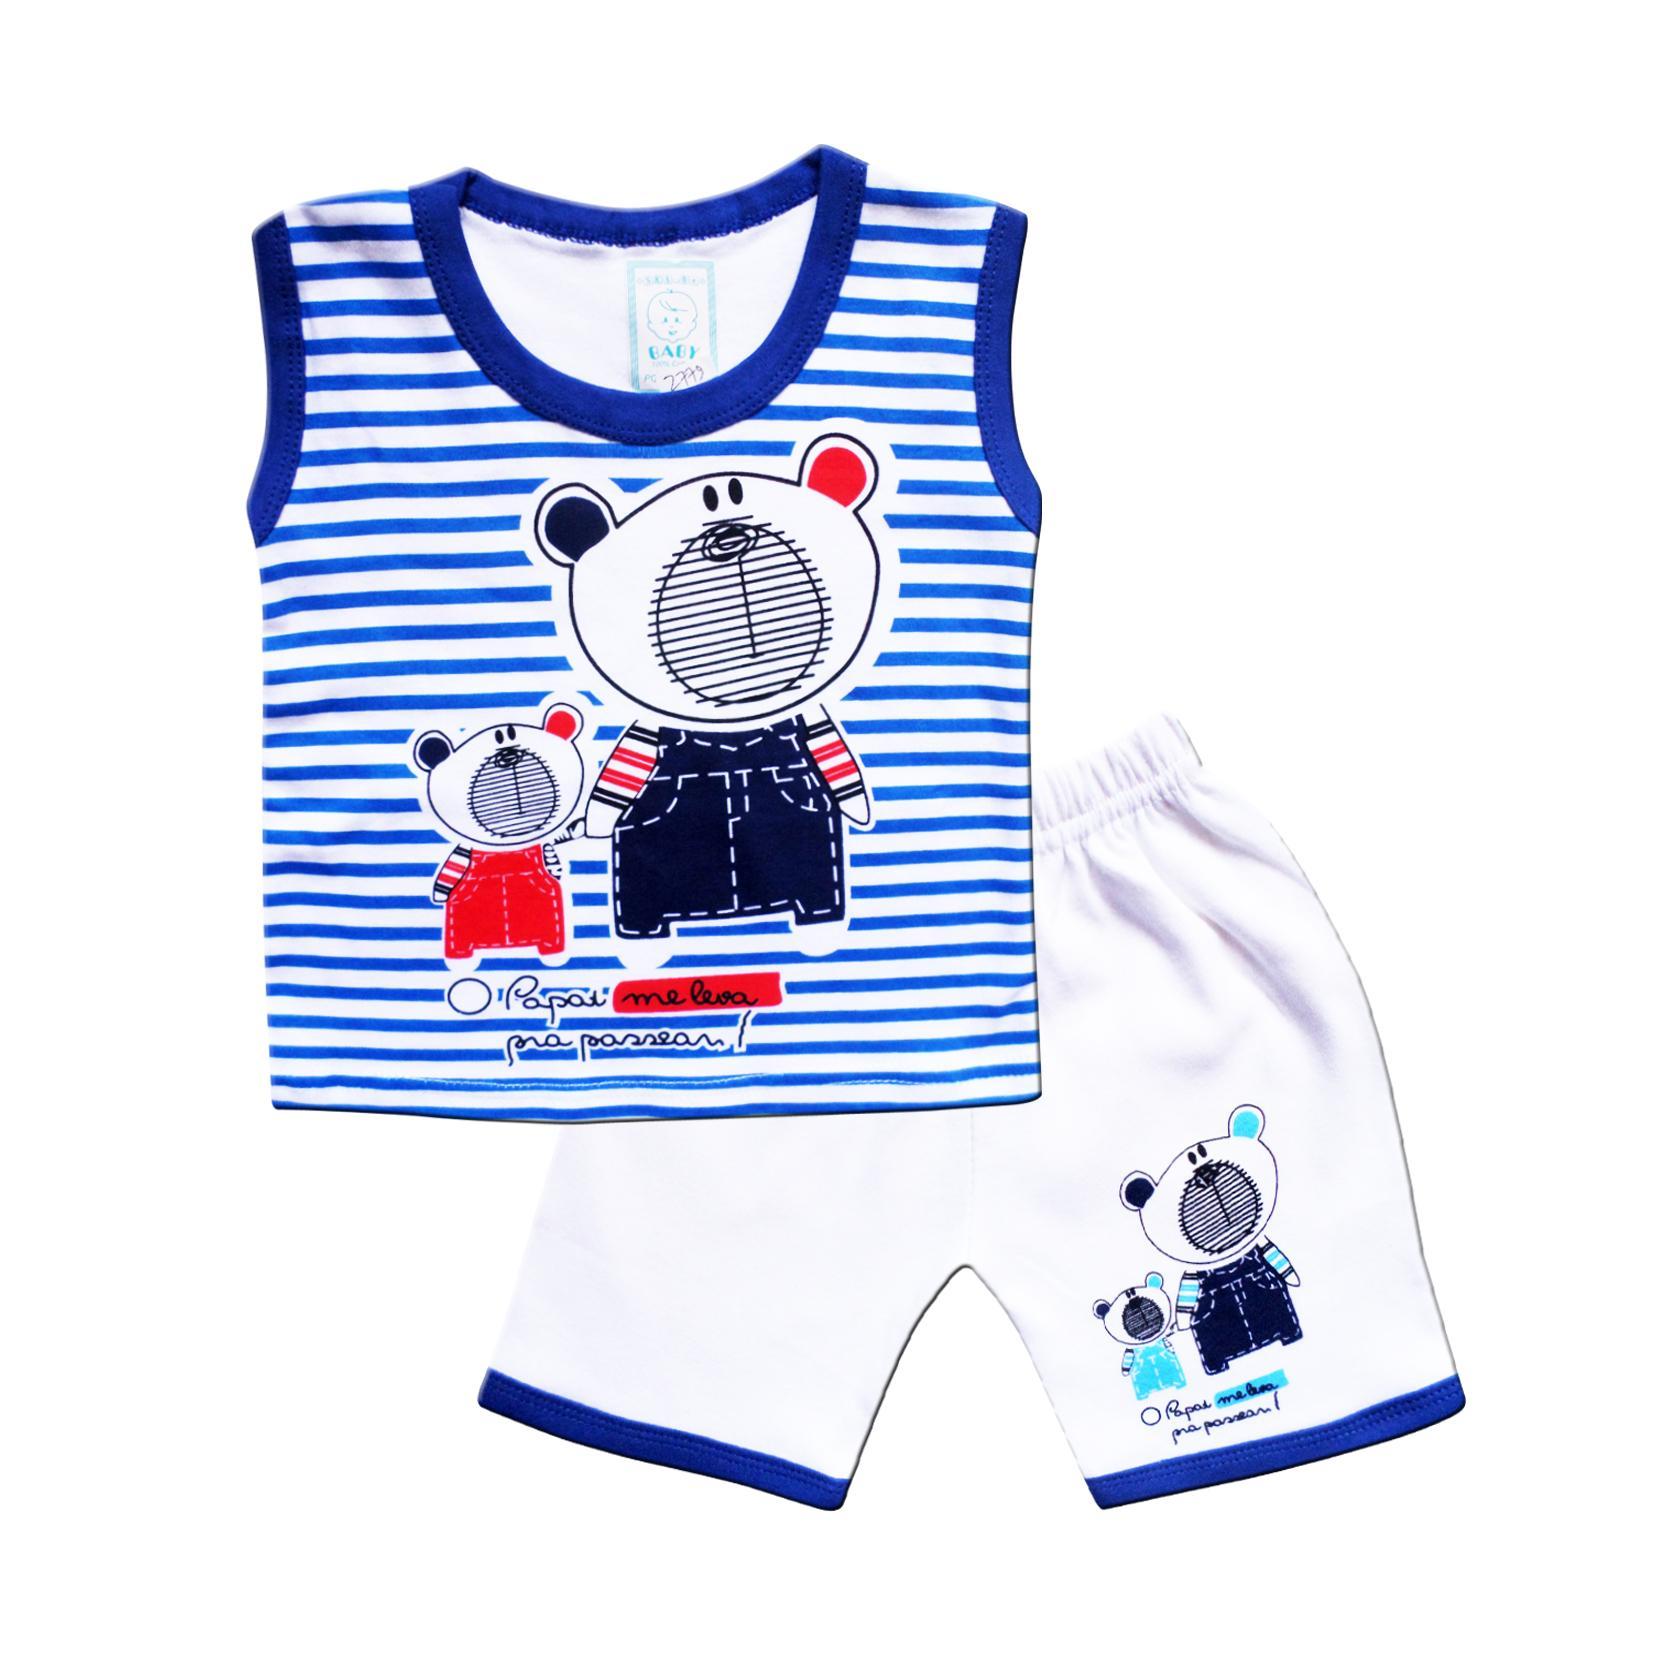 Set Pakaian Bayi Terbaik Gurita Warna Skabe Baby Putih Baju Singlet Anak Laki Setelan Kaos 2779